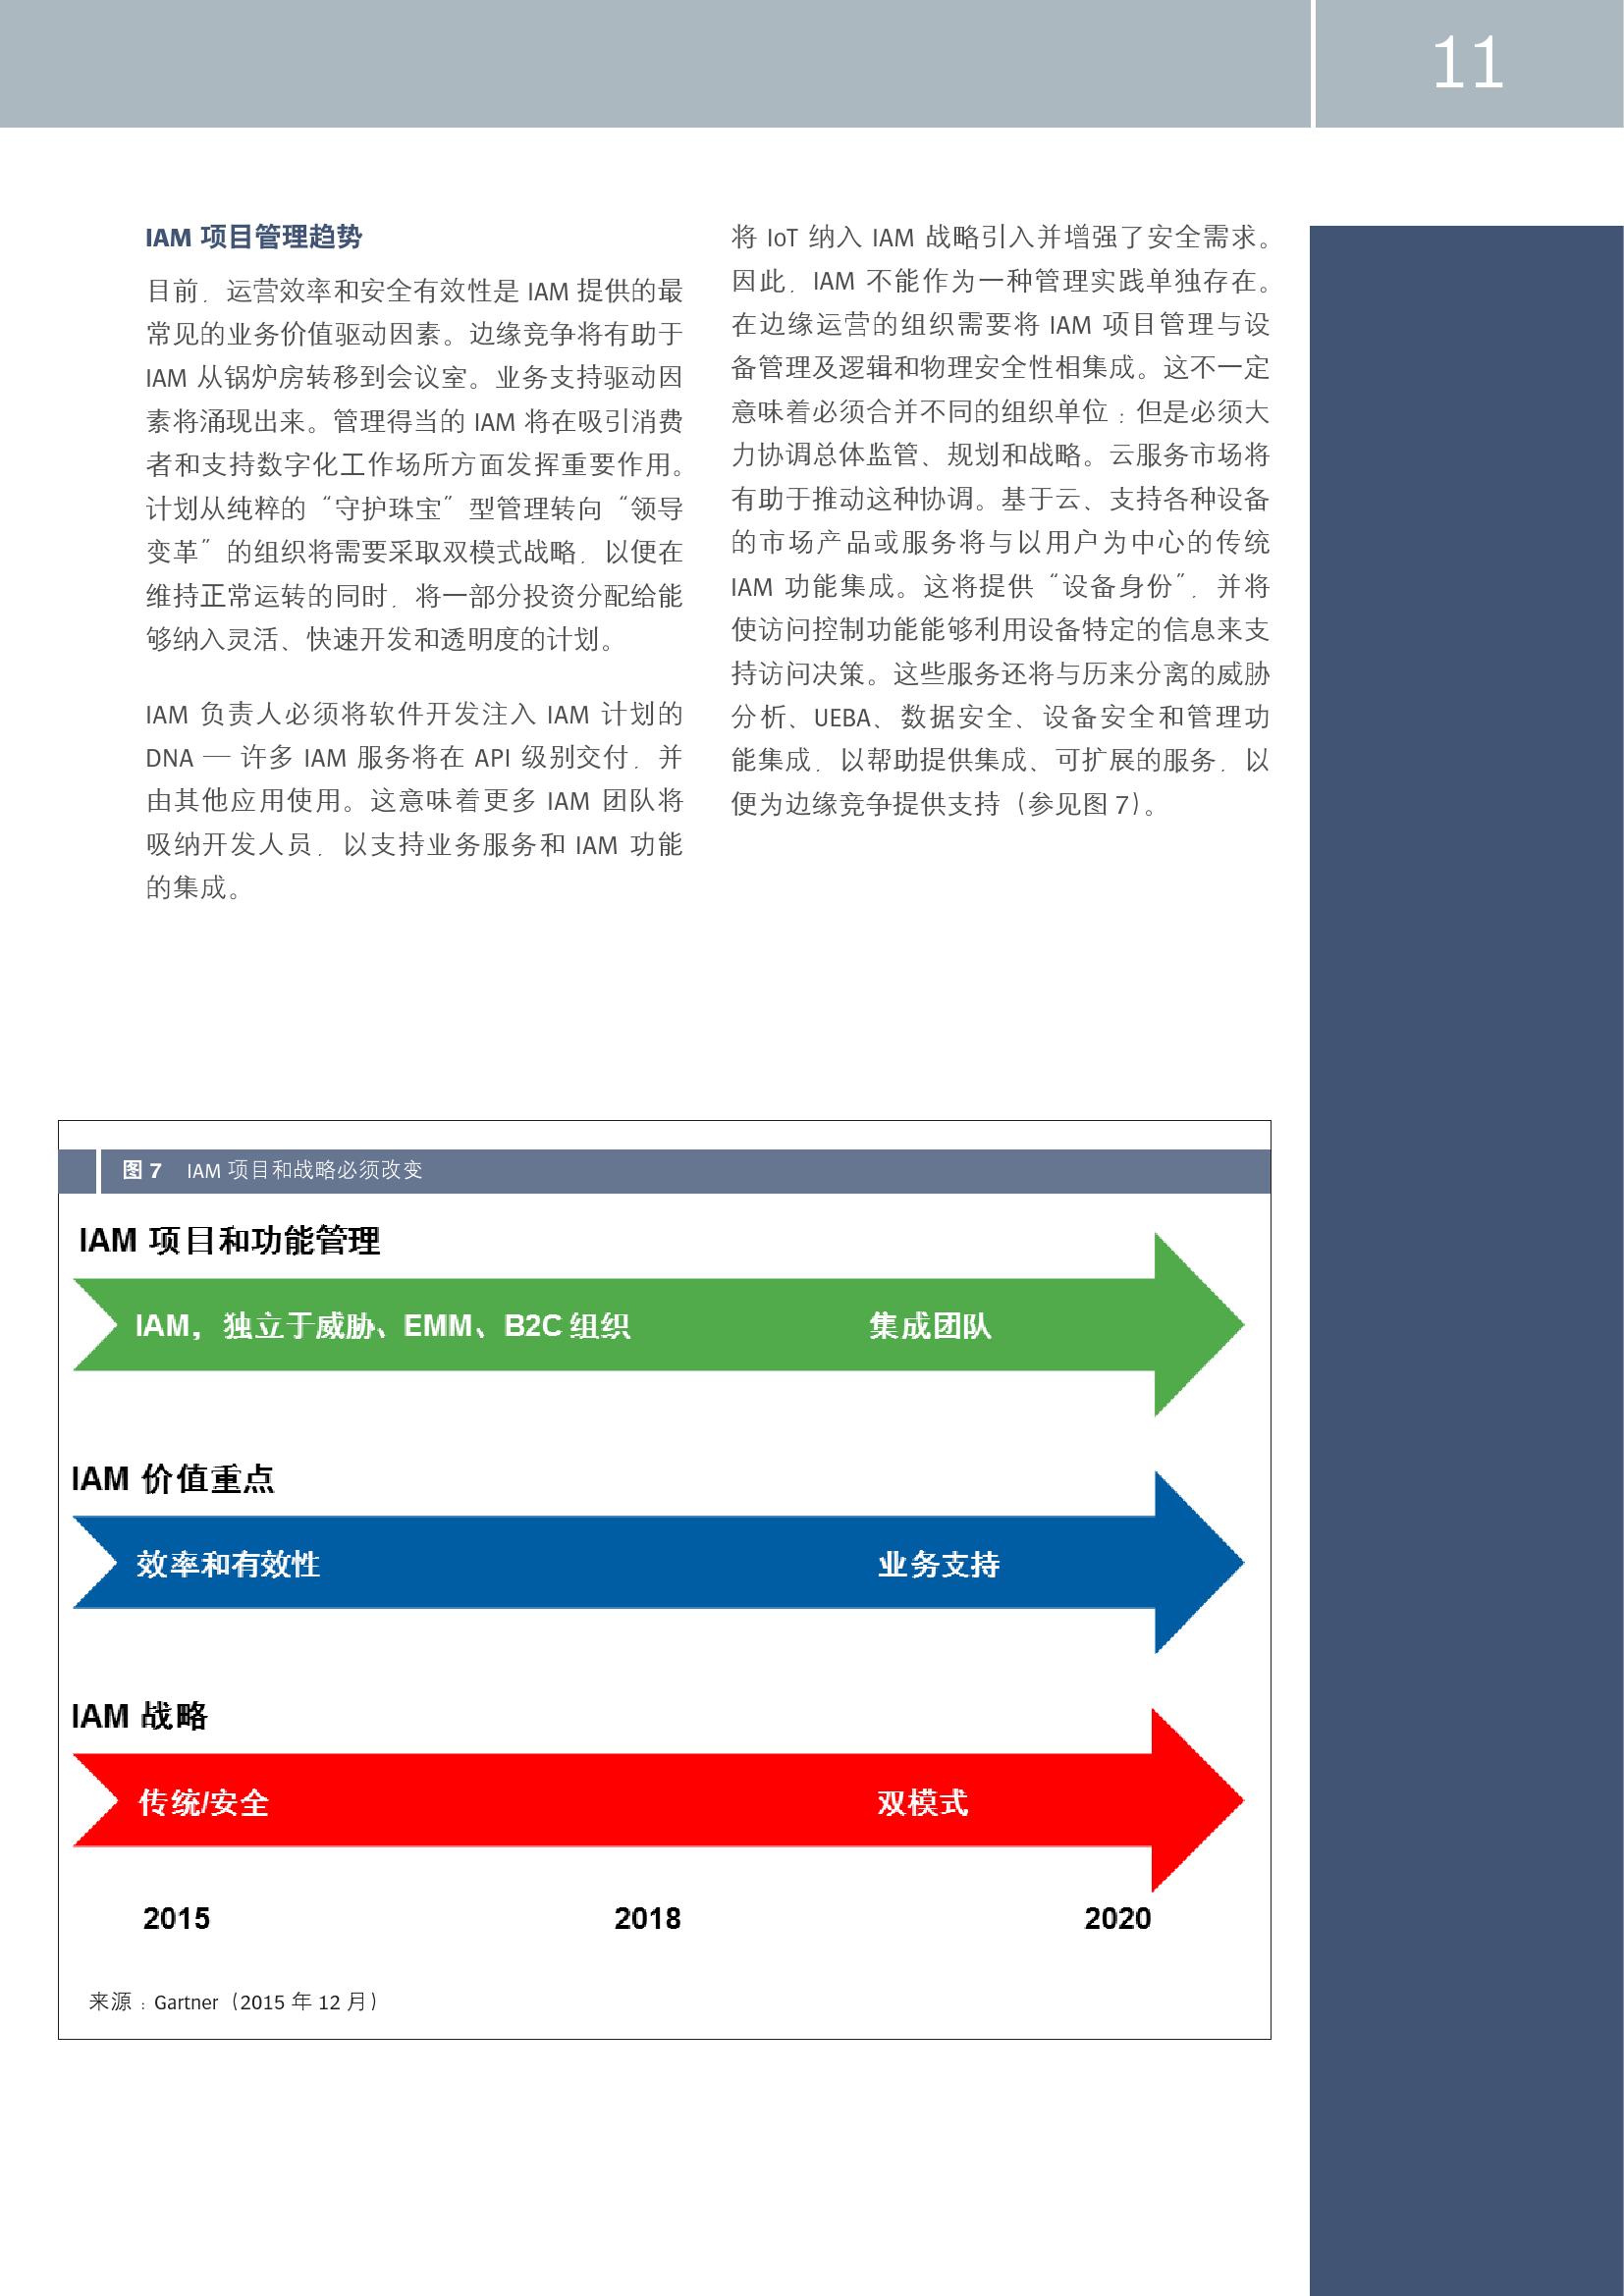 中国企业市场前瞻_000011